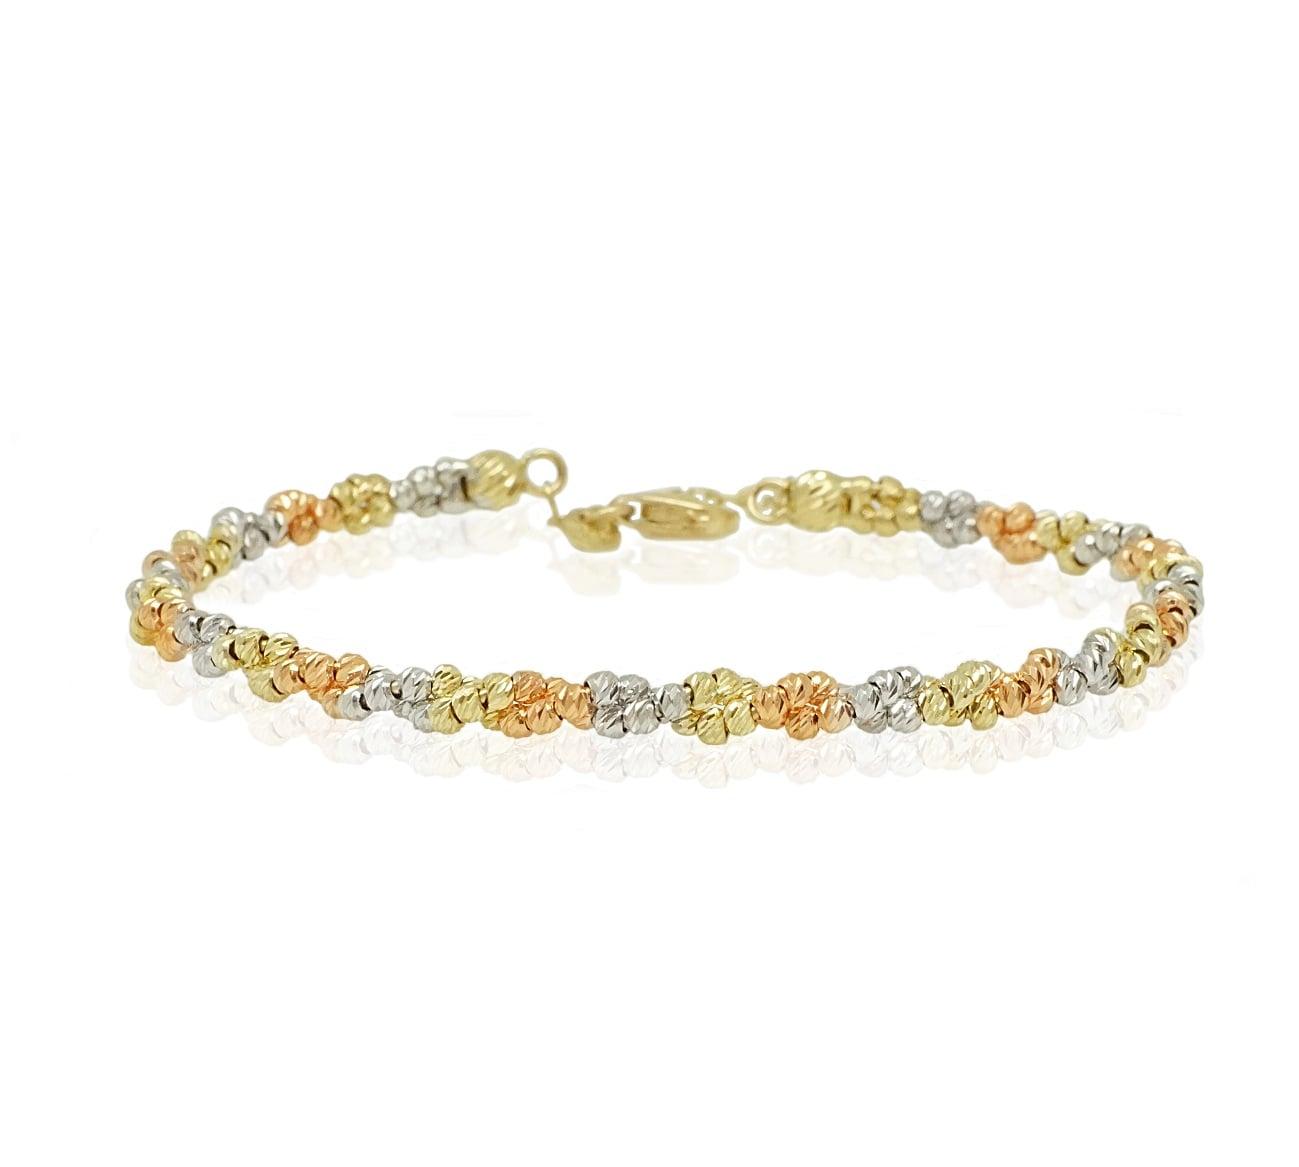 צמיד כדורים זהב בשלושה צבעים ורוד, צהוב ולבן  לאישה בנגל גמיש